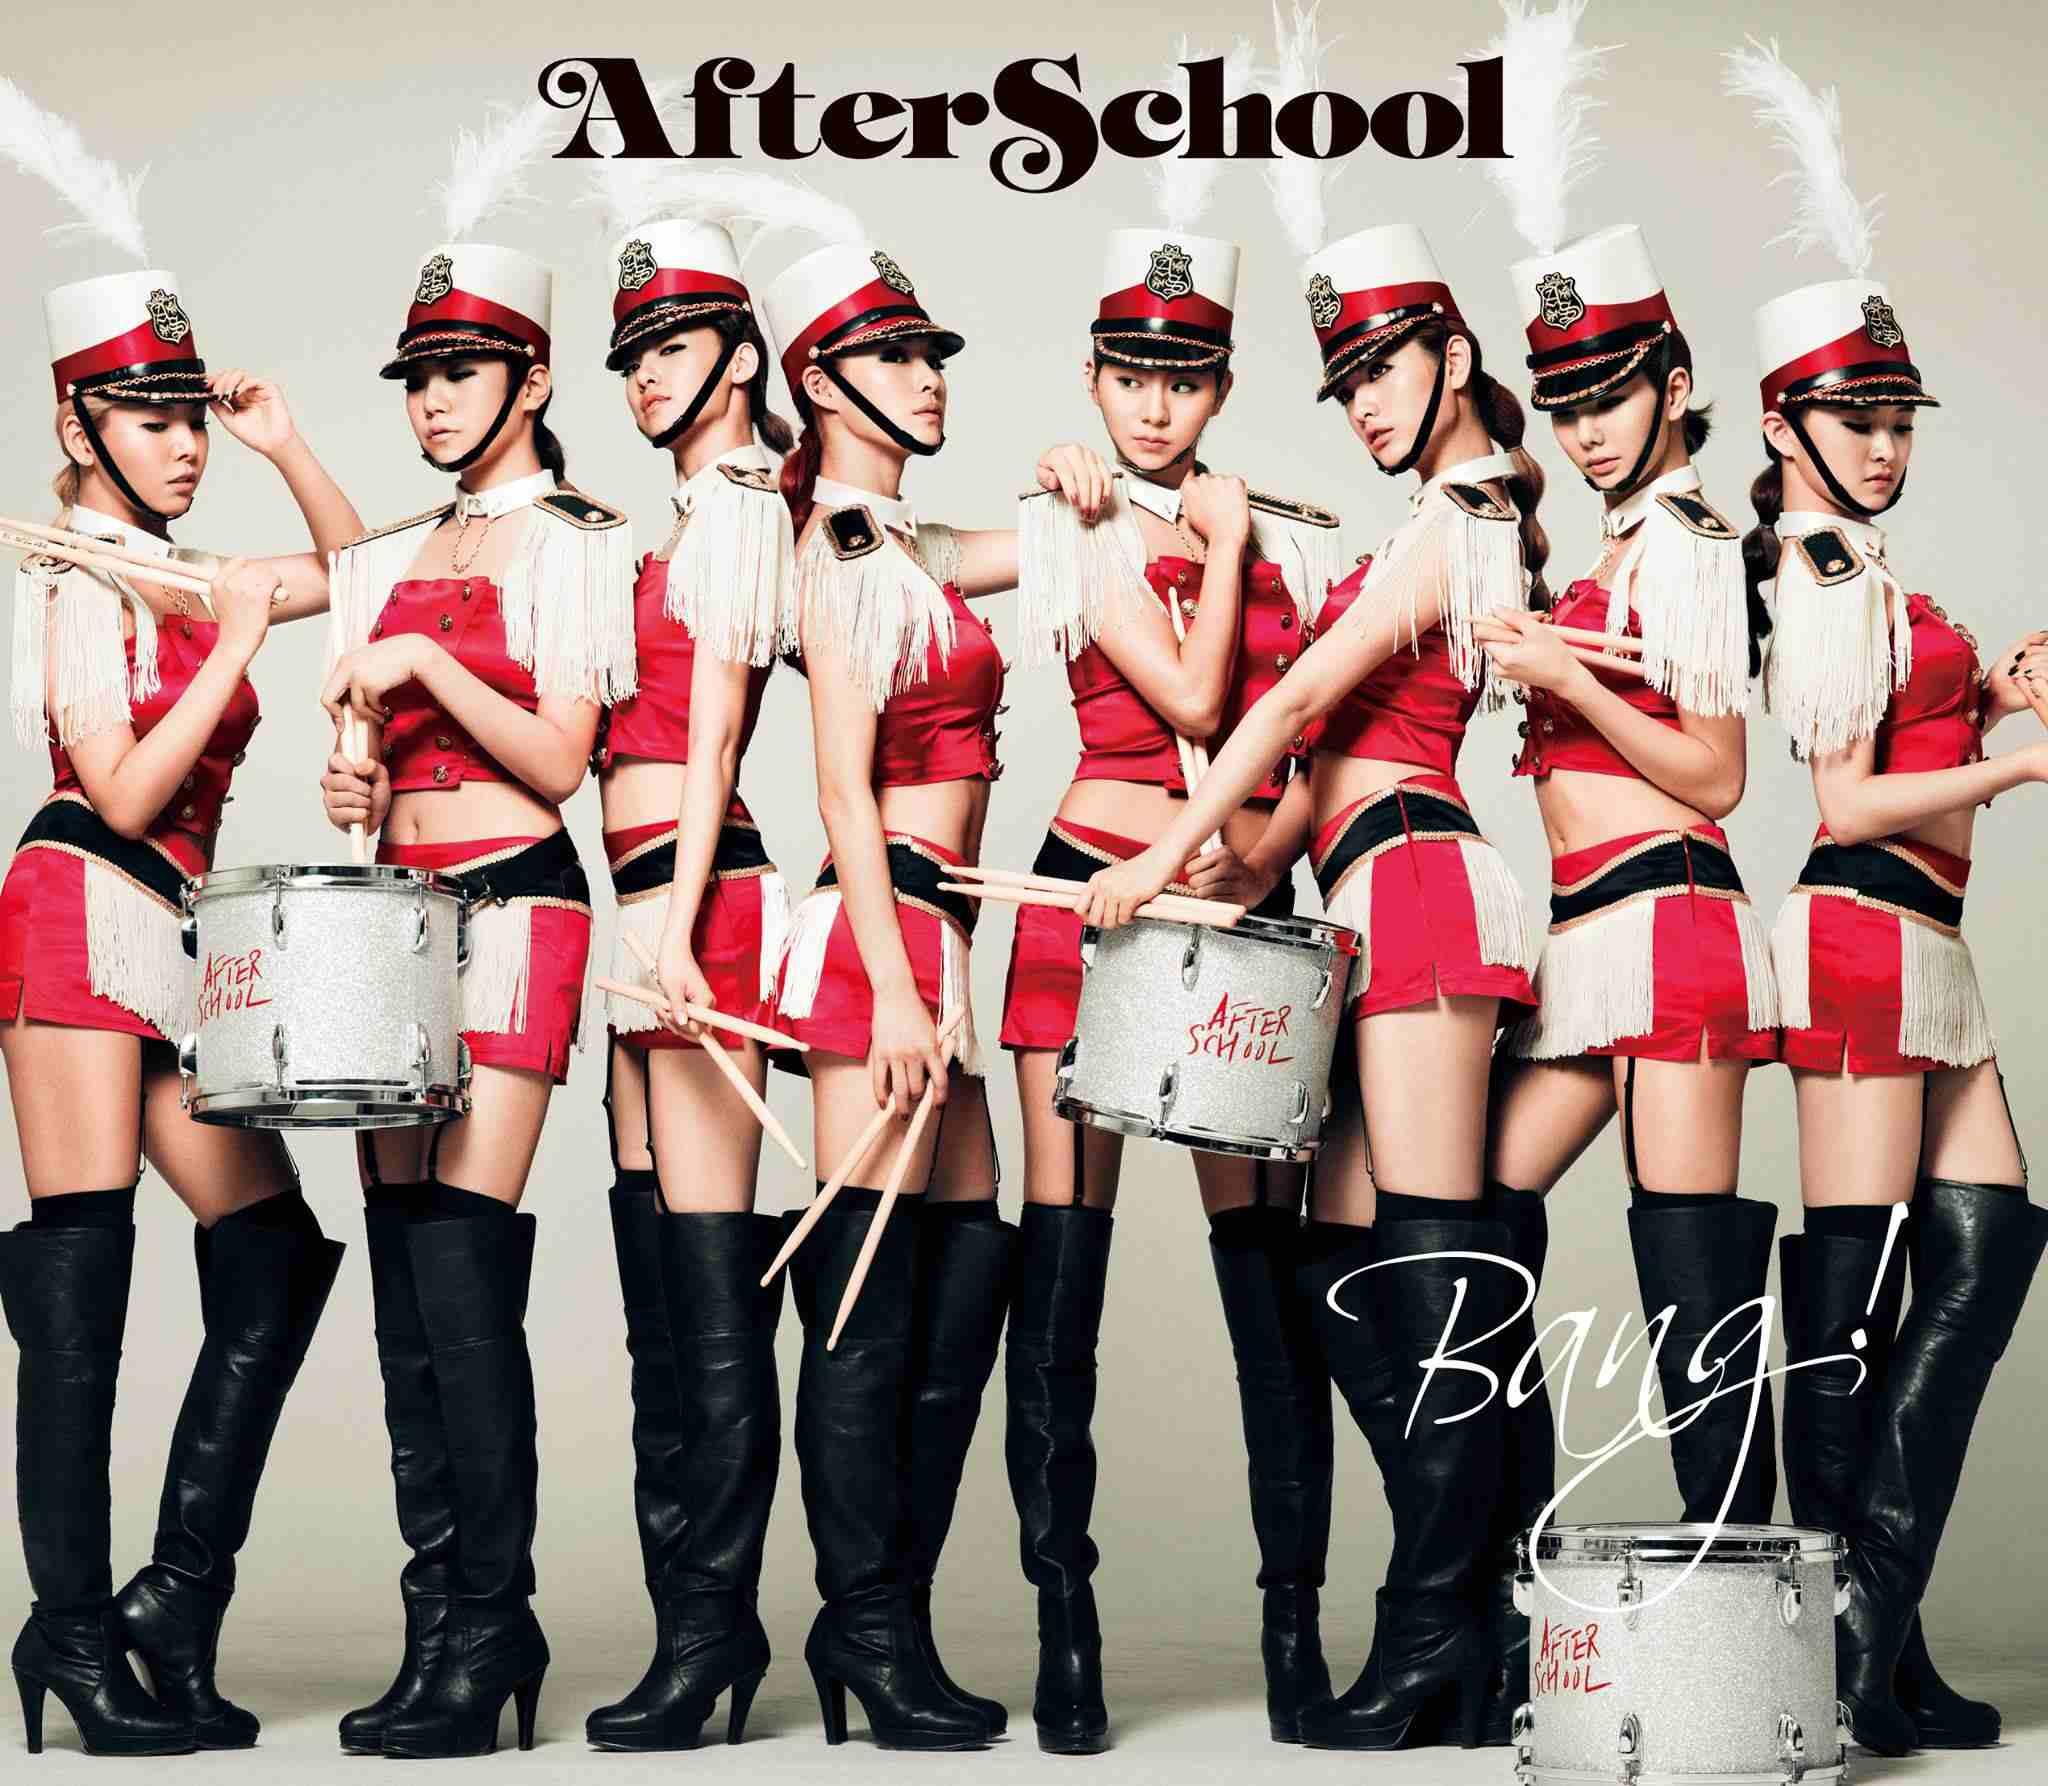 另外After School在《Bang!》的造型也堪稱制服風的經典啊~